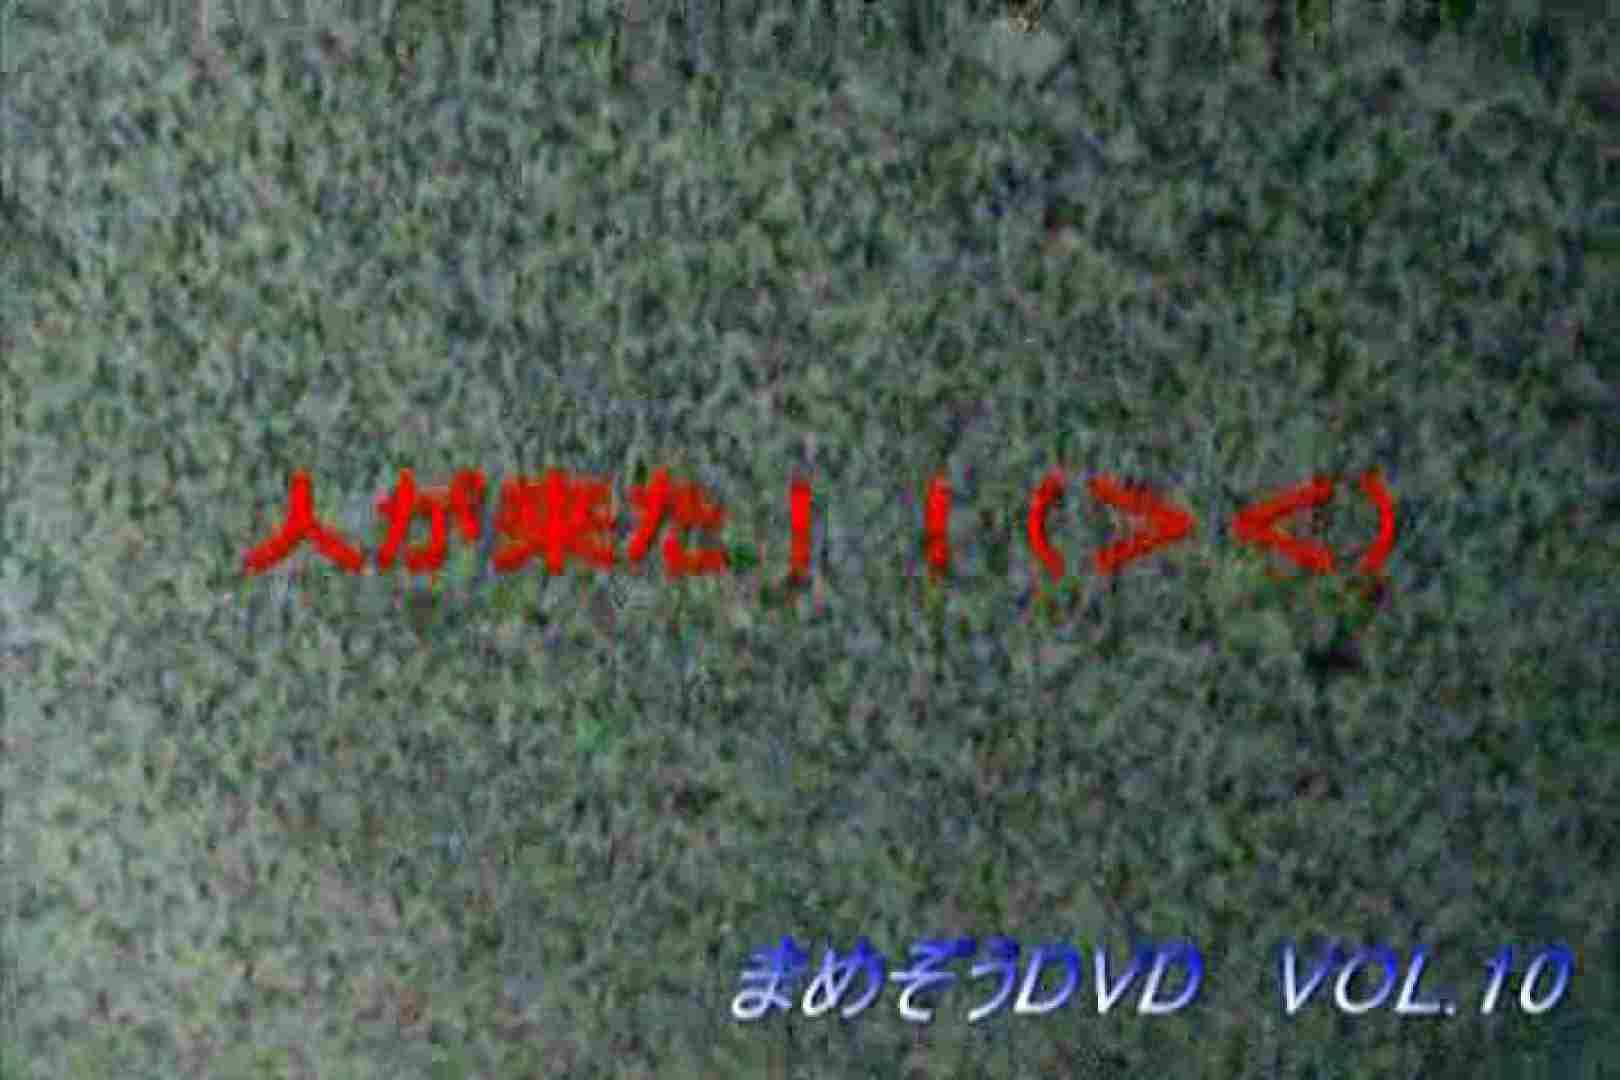 まめぞうDVD完全版VOL.10 ギャル  64pic 55